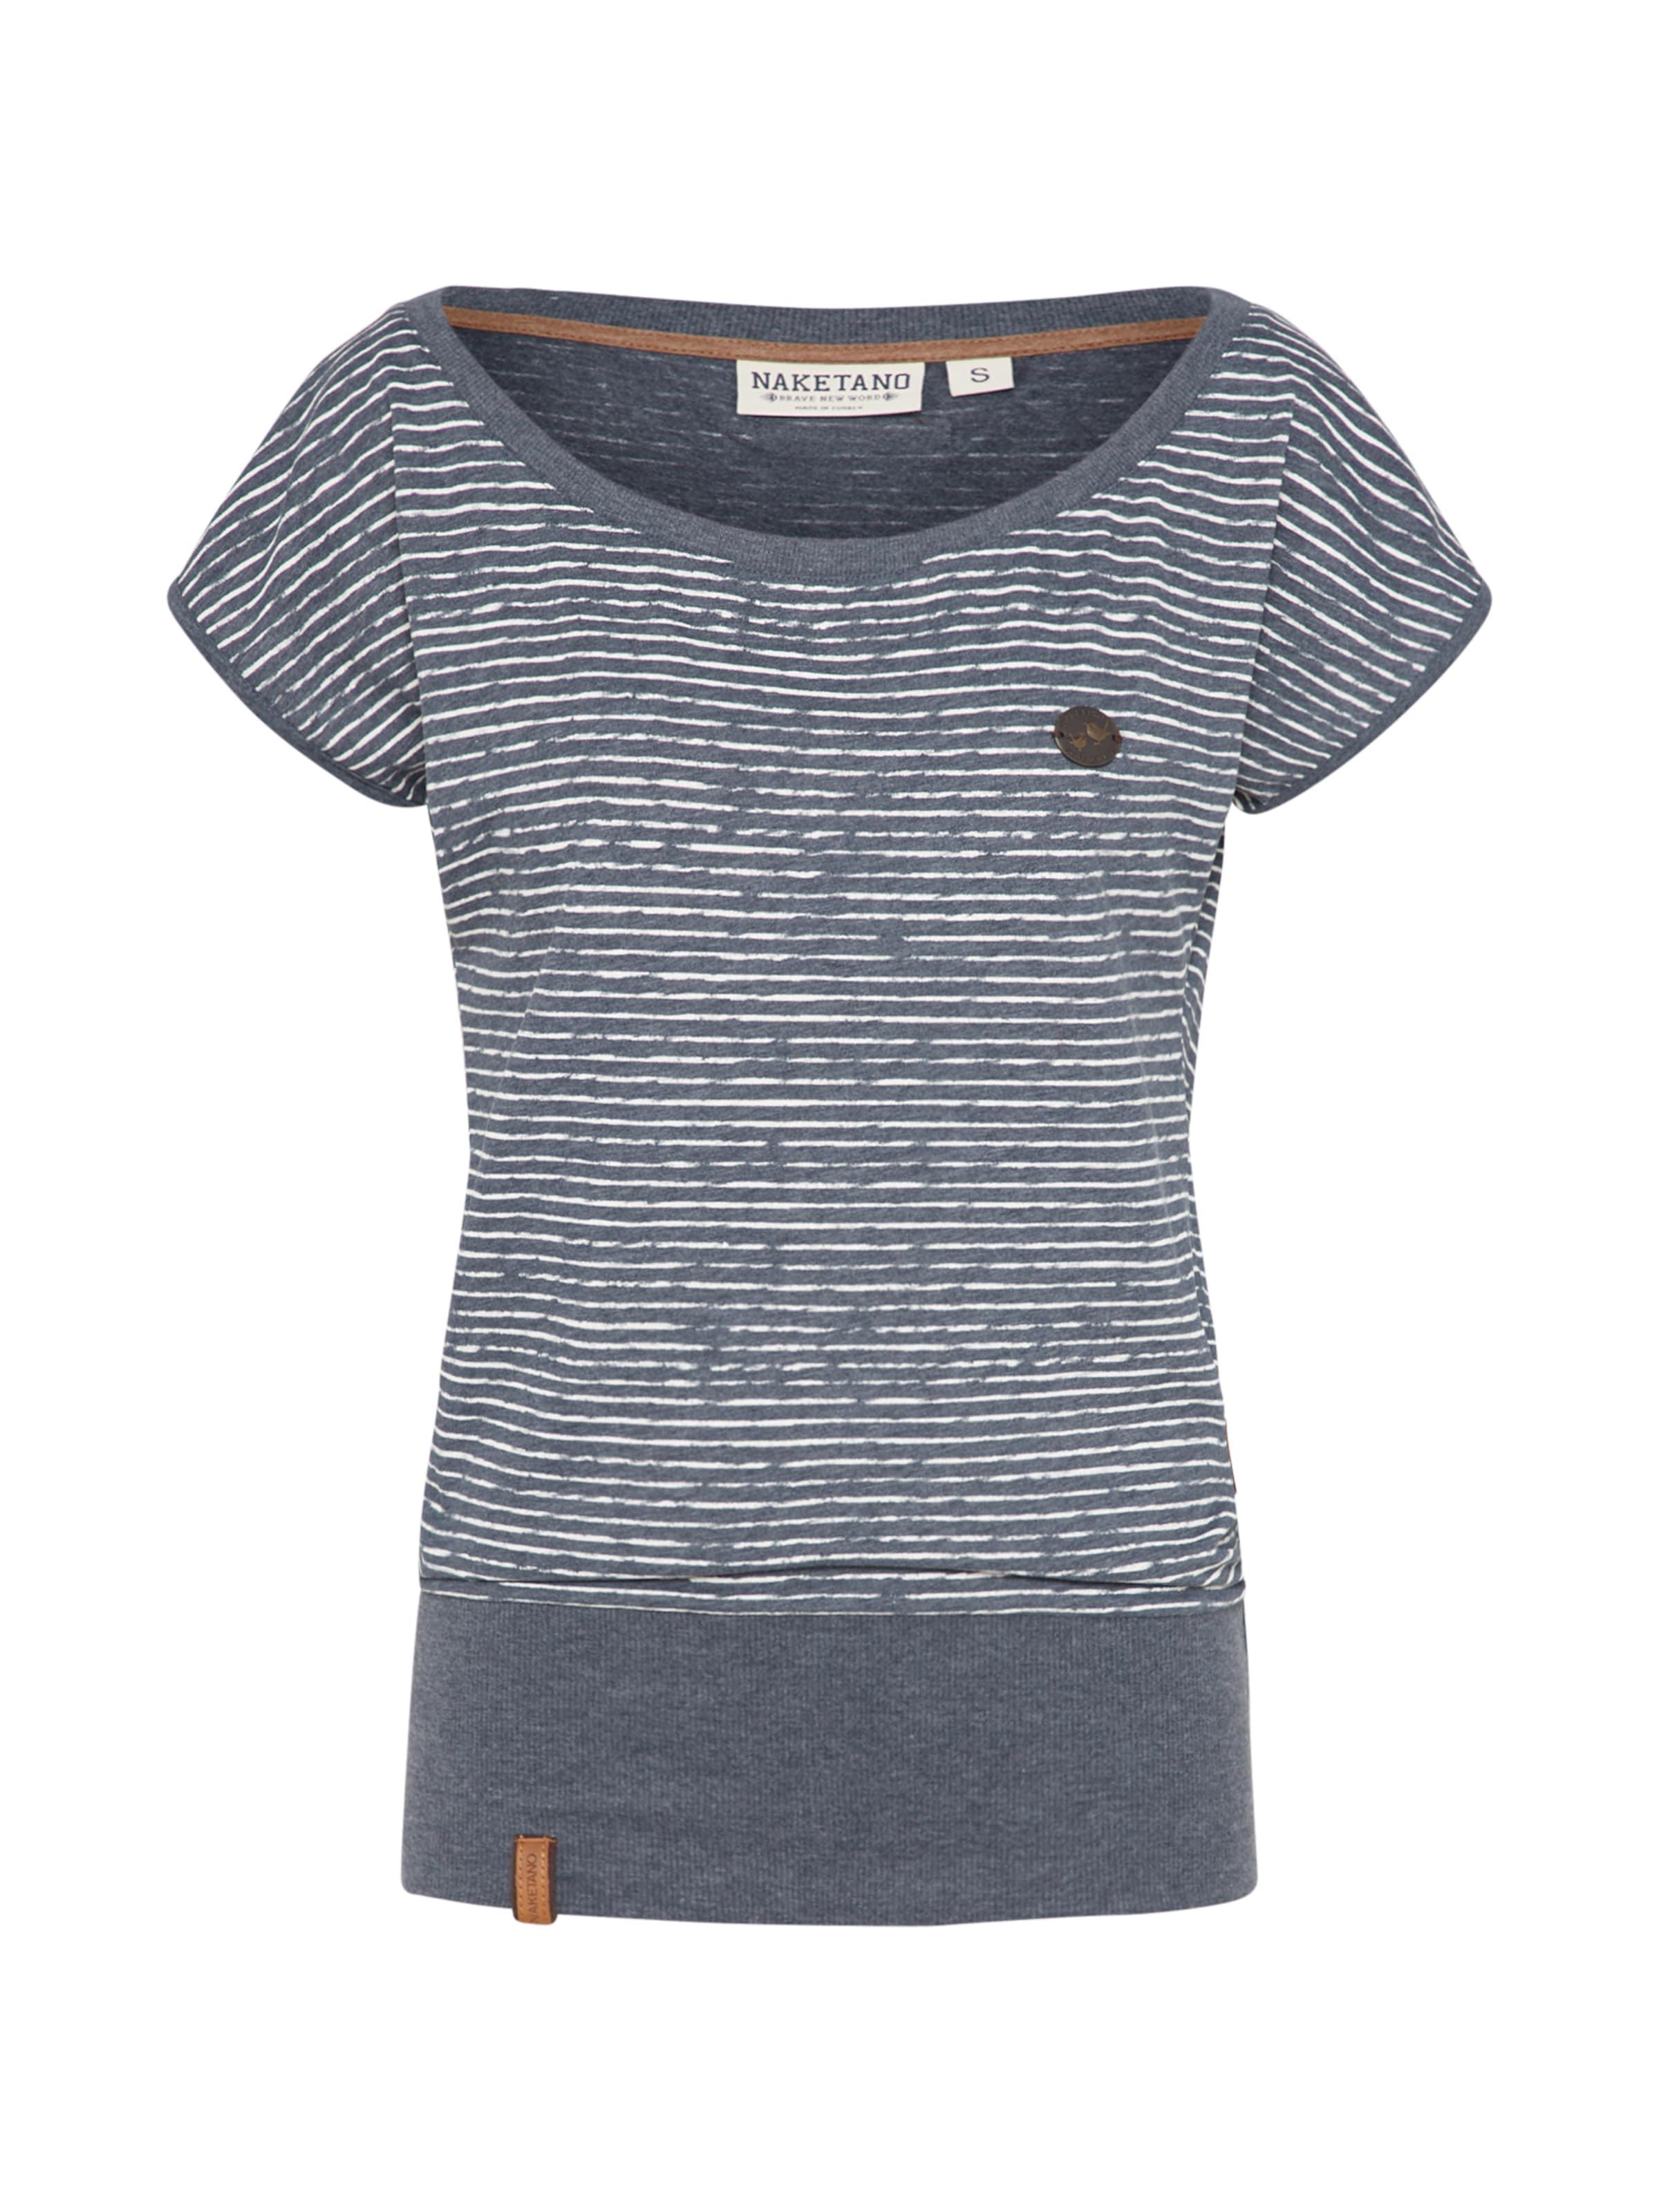 Dizzy' En T 'wolle Bleu shirt Naketano 5jqc4AS3LR